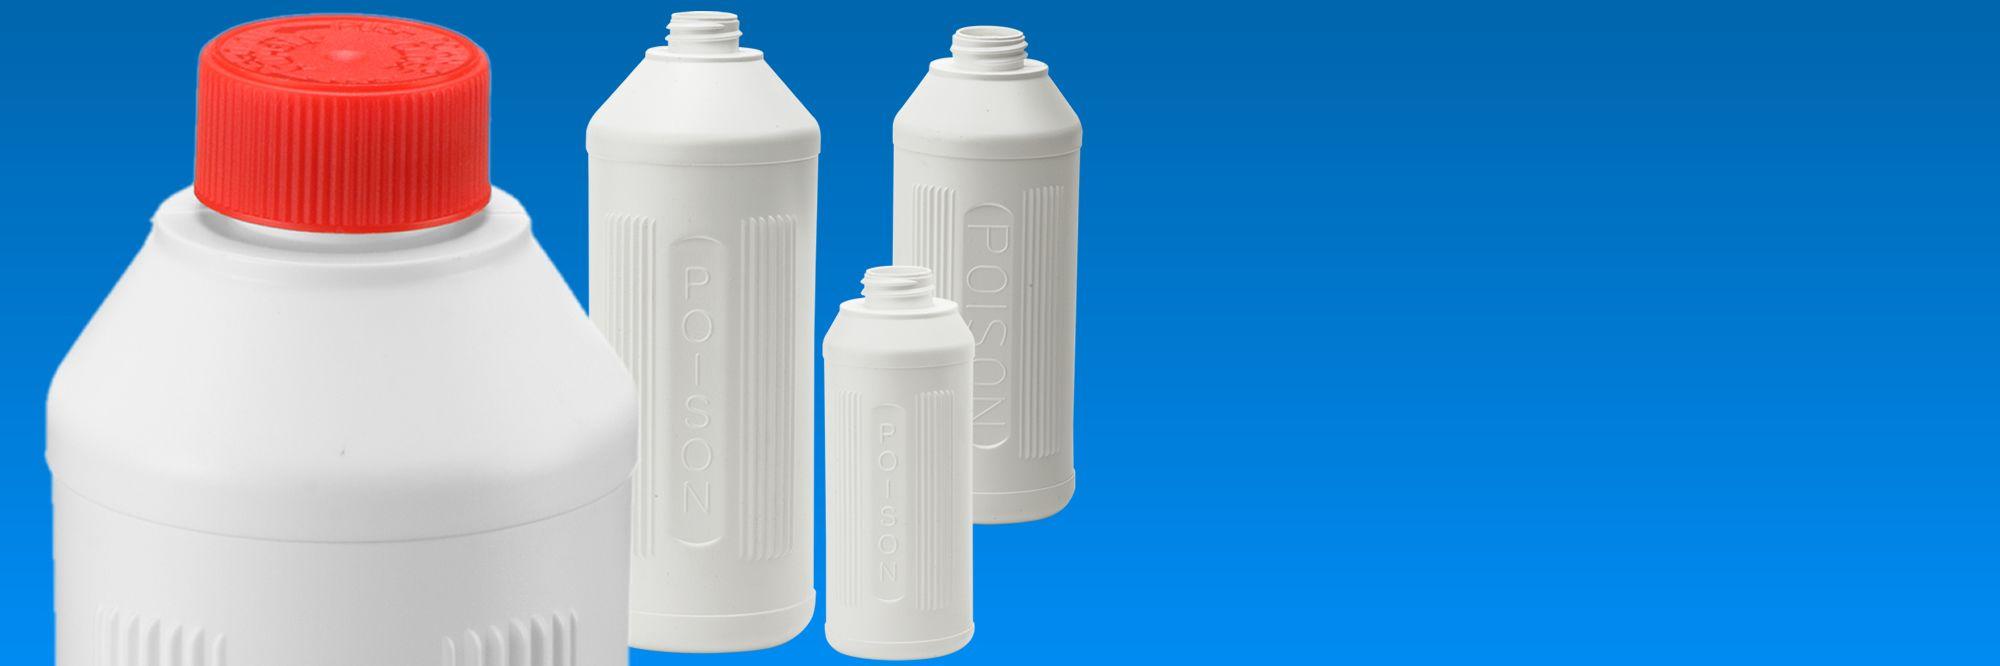 Poison Bottles2b